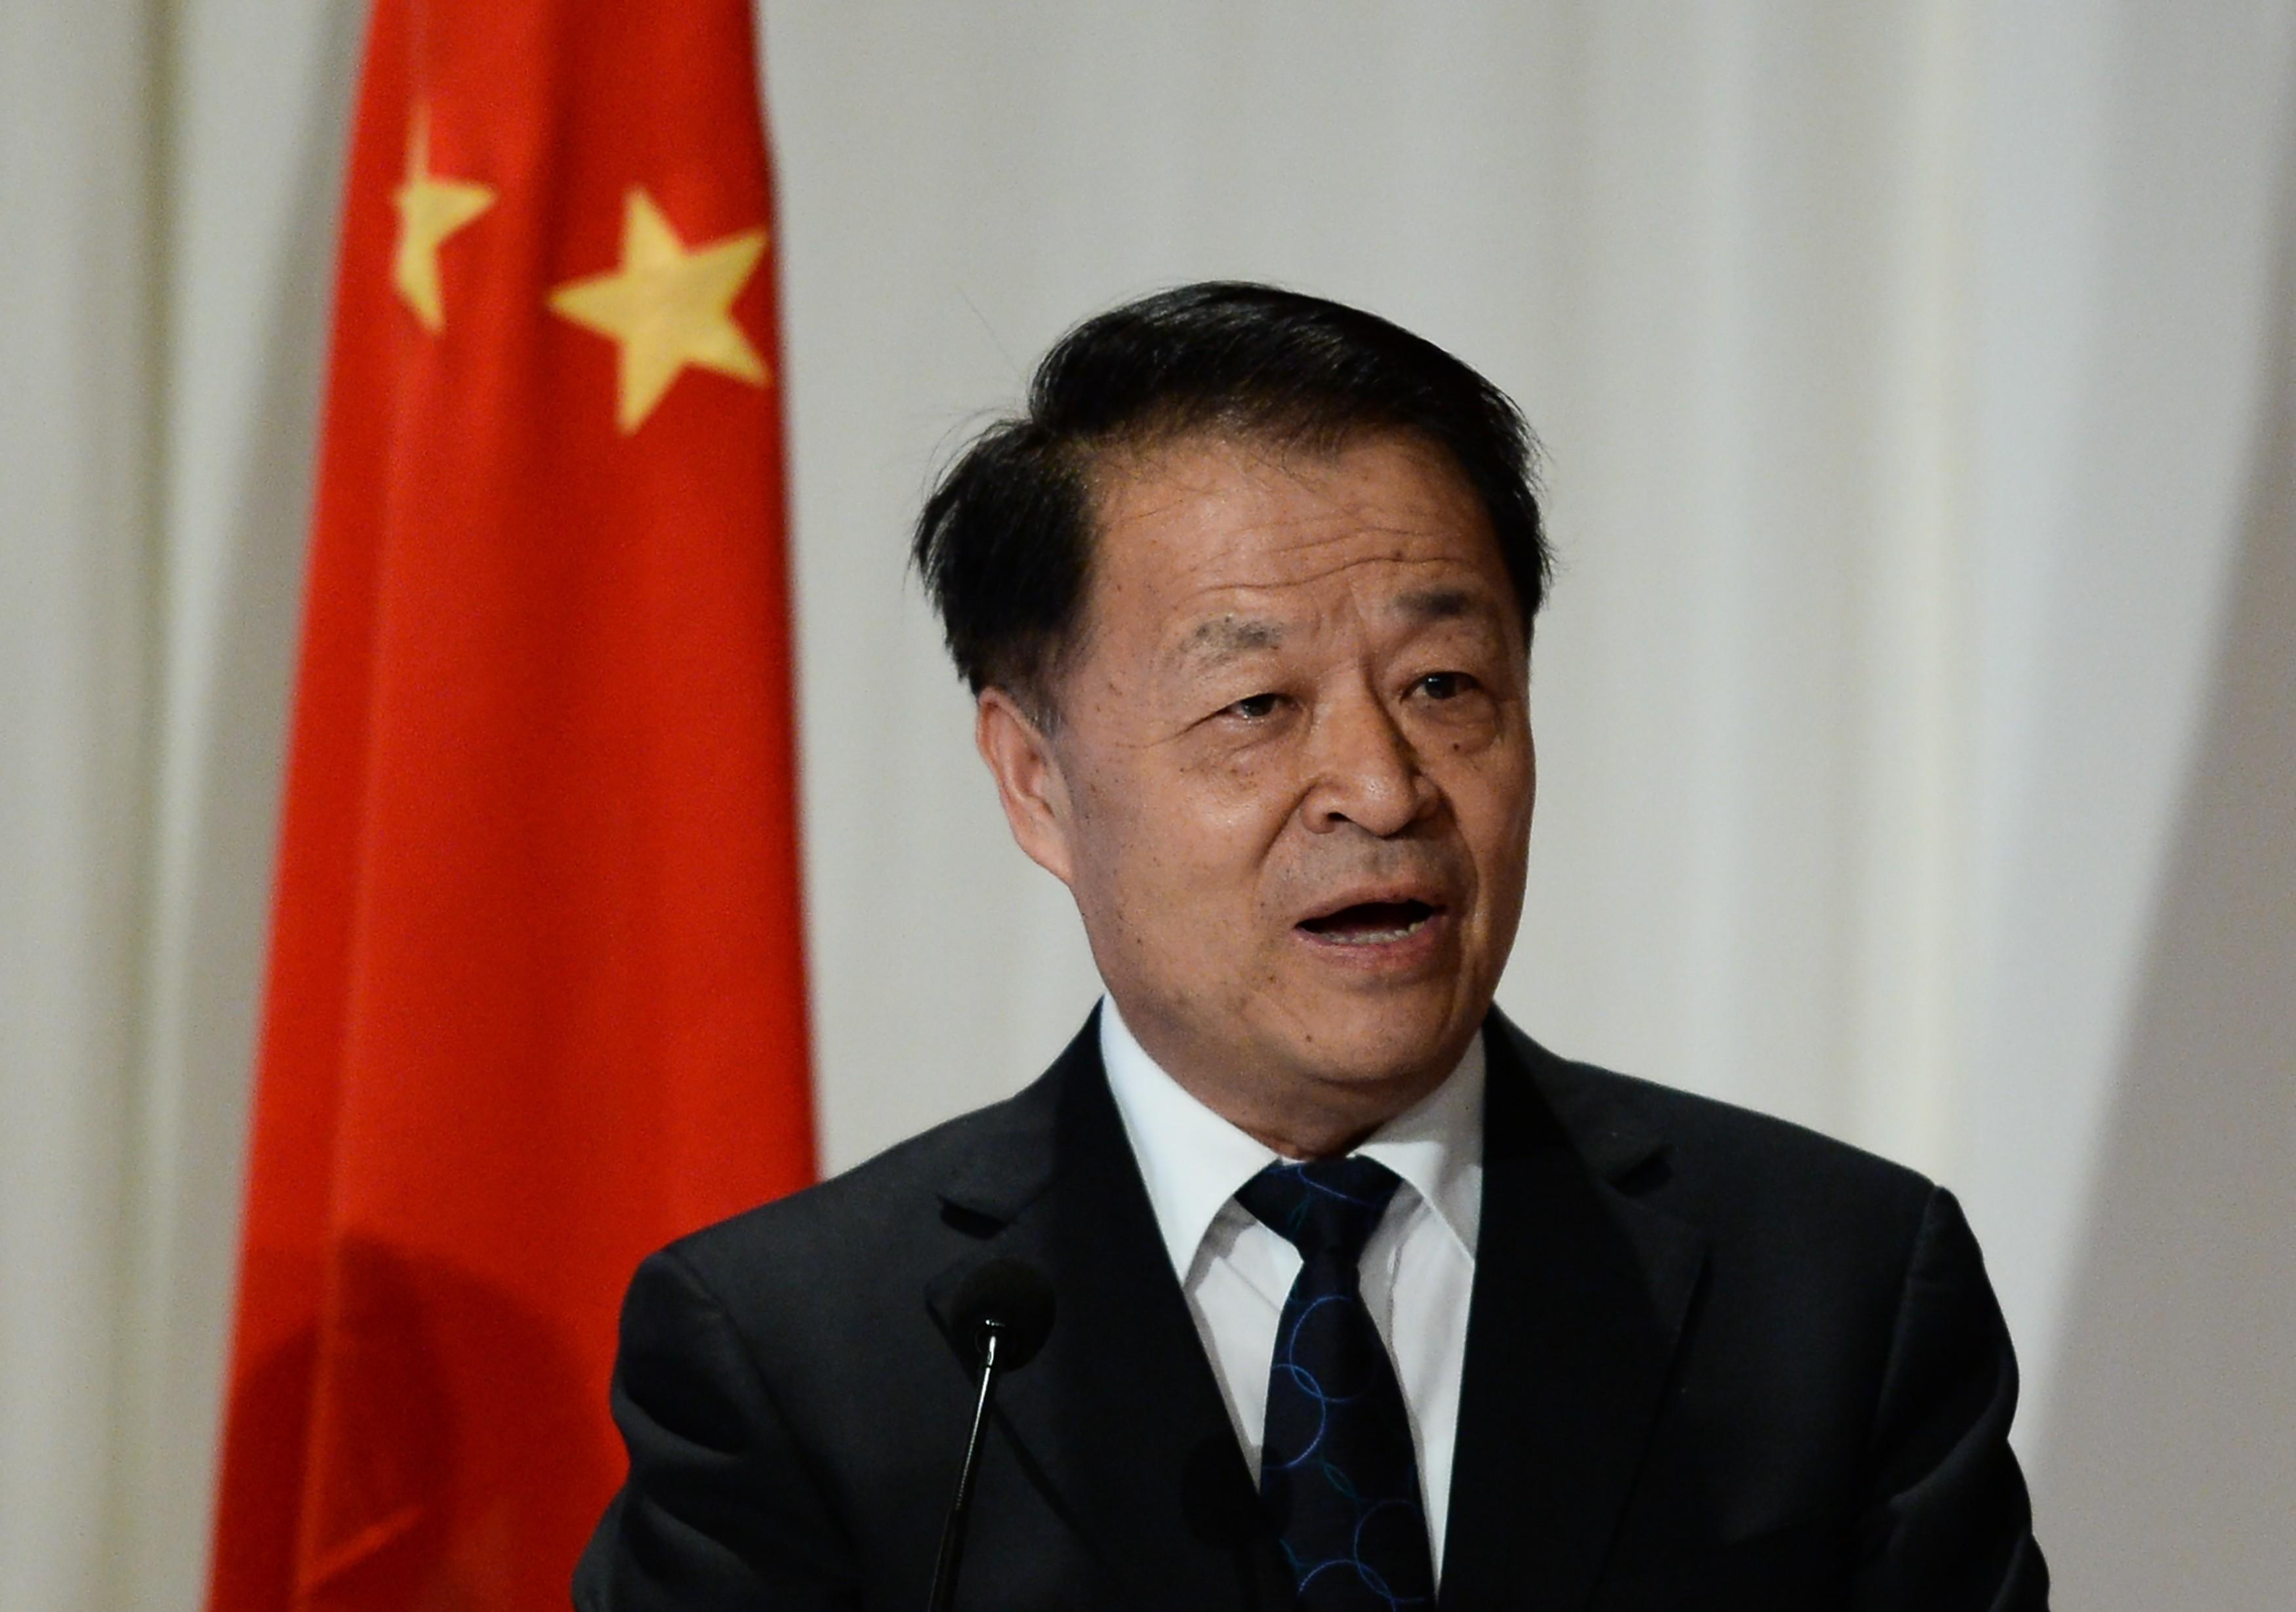 La economía china continúa desacelerándose: ¿Qué impacto tiene esto?